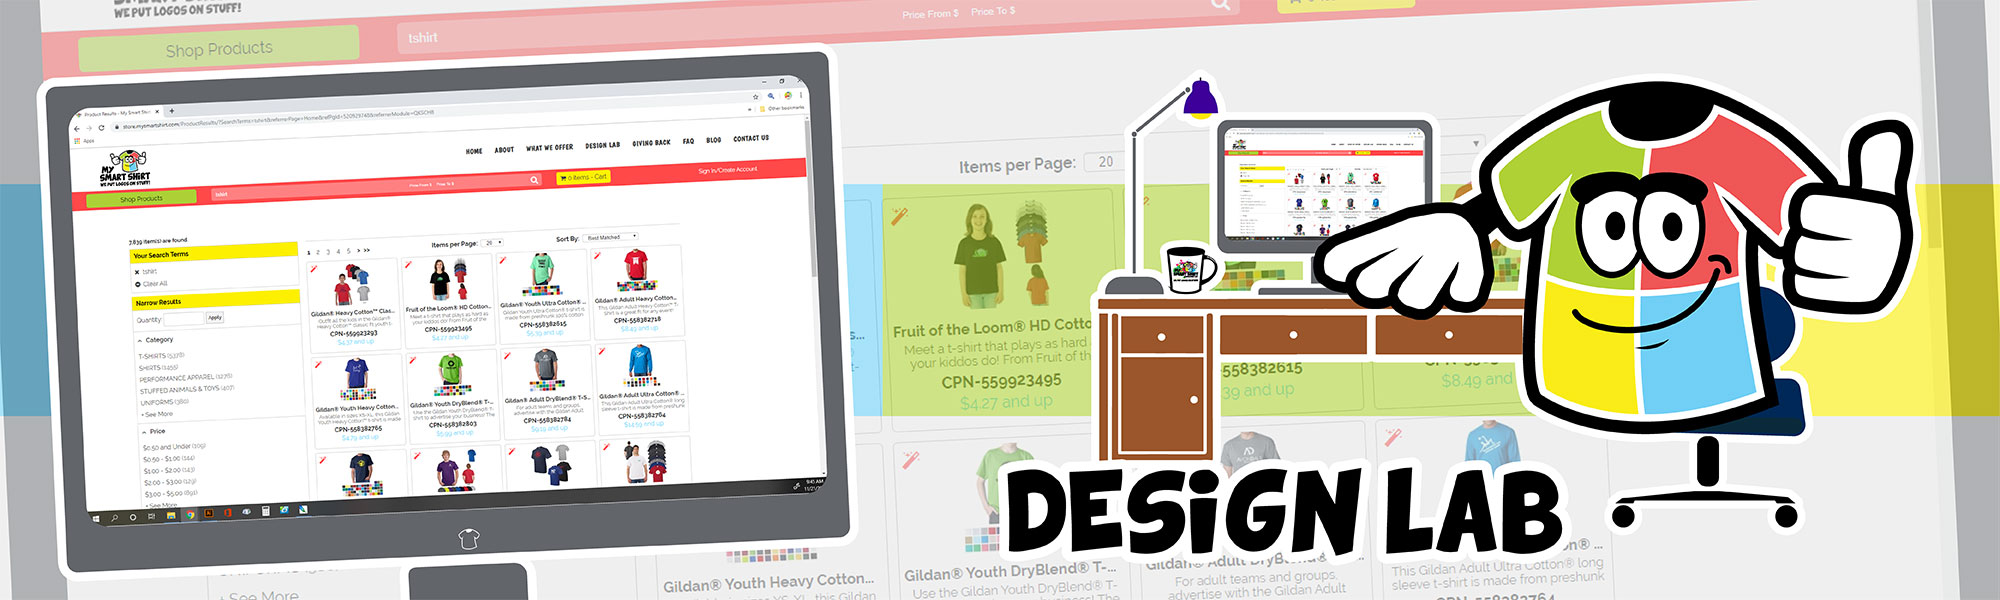 design_lab_banner_slider